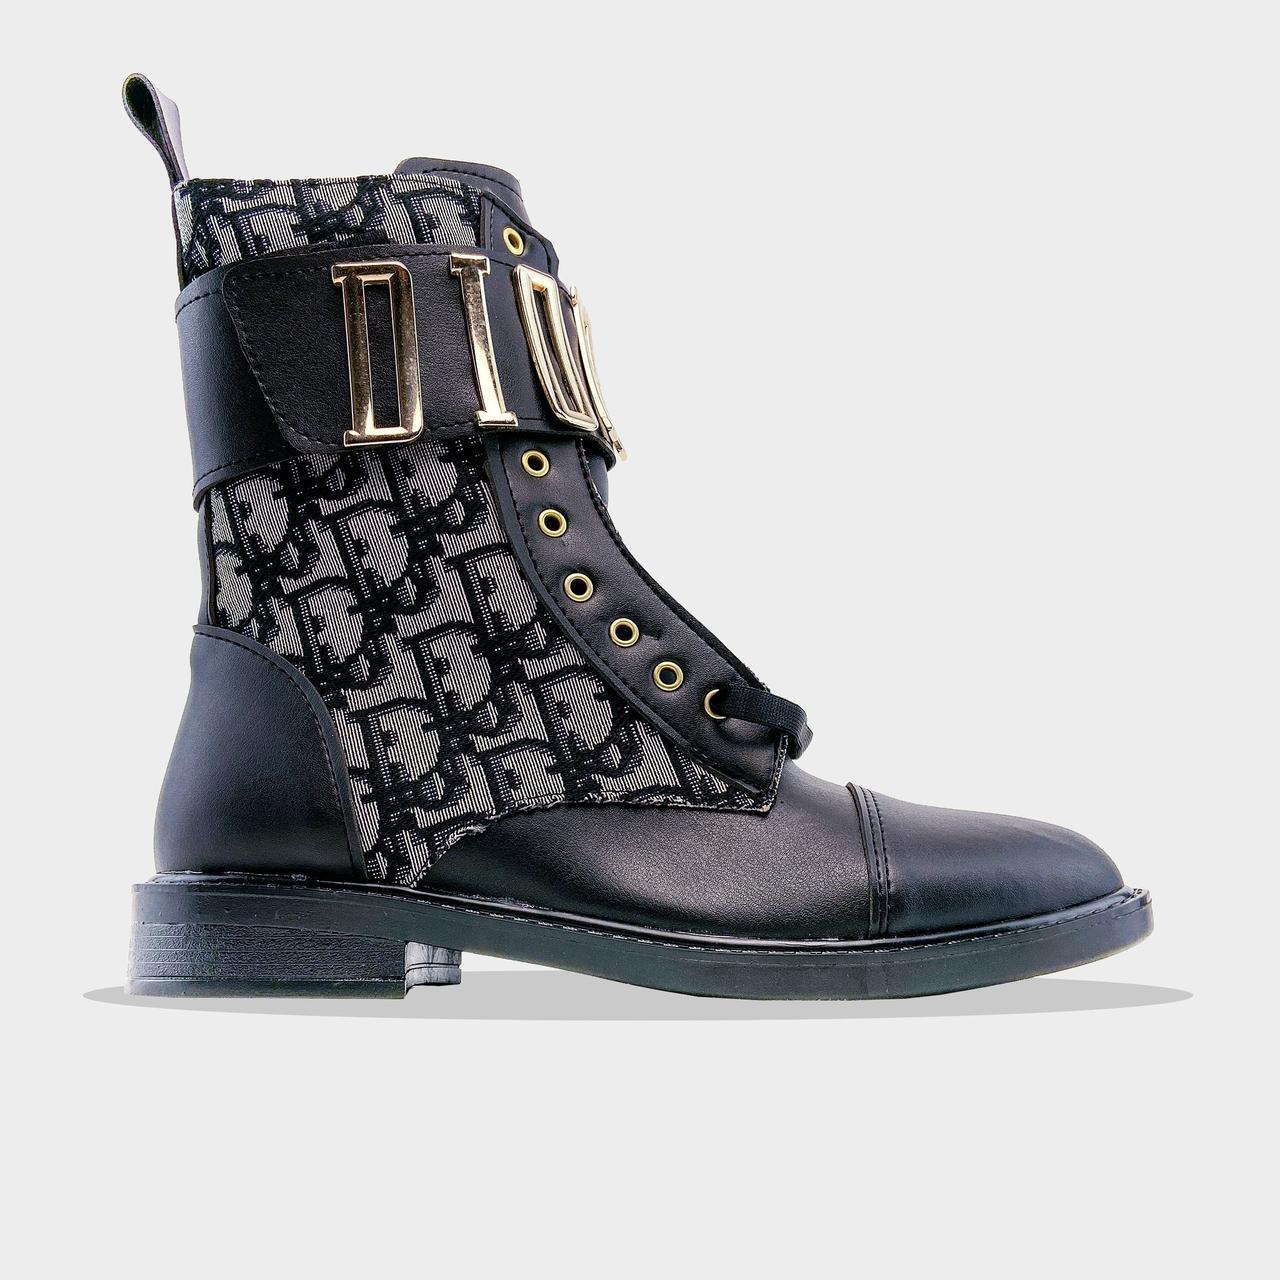 Christian Di@r  кроссовки, крос, обувь, взуття, sneakers, шузы, J'aDi@r  кроссовки, крос, обувь, взуття,